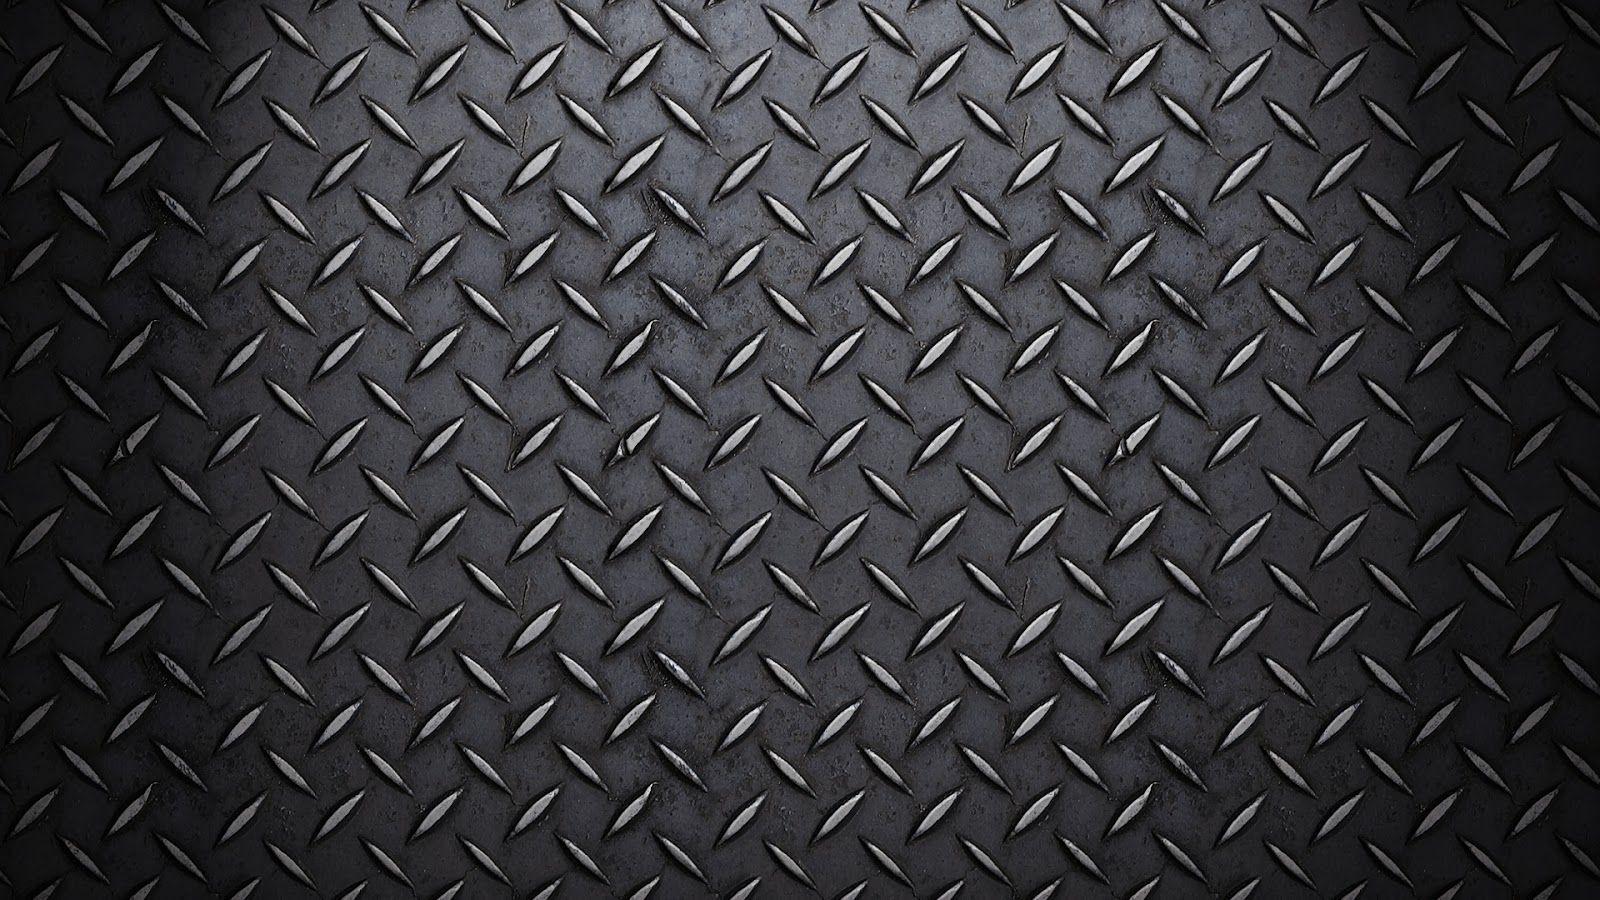 Dark Textured Background Design Patterns Website Images Hd Psd